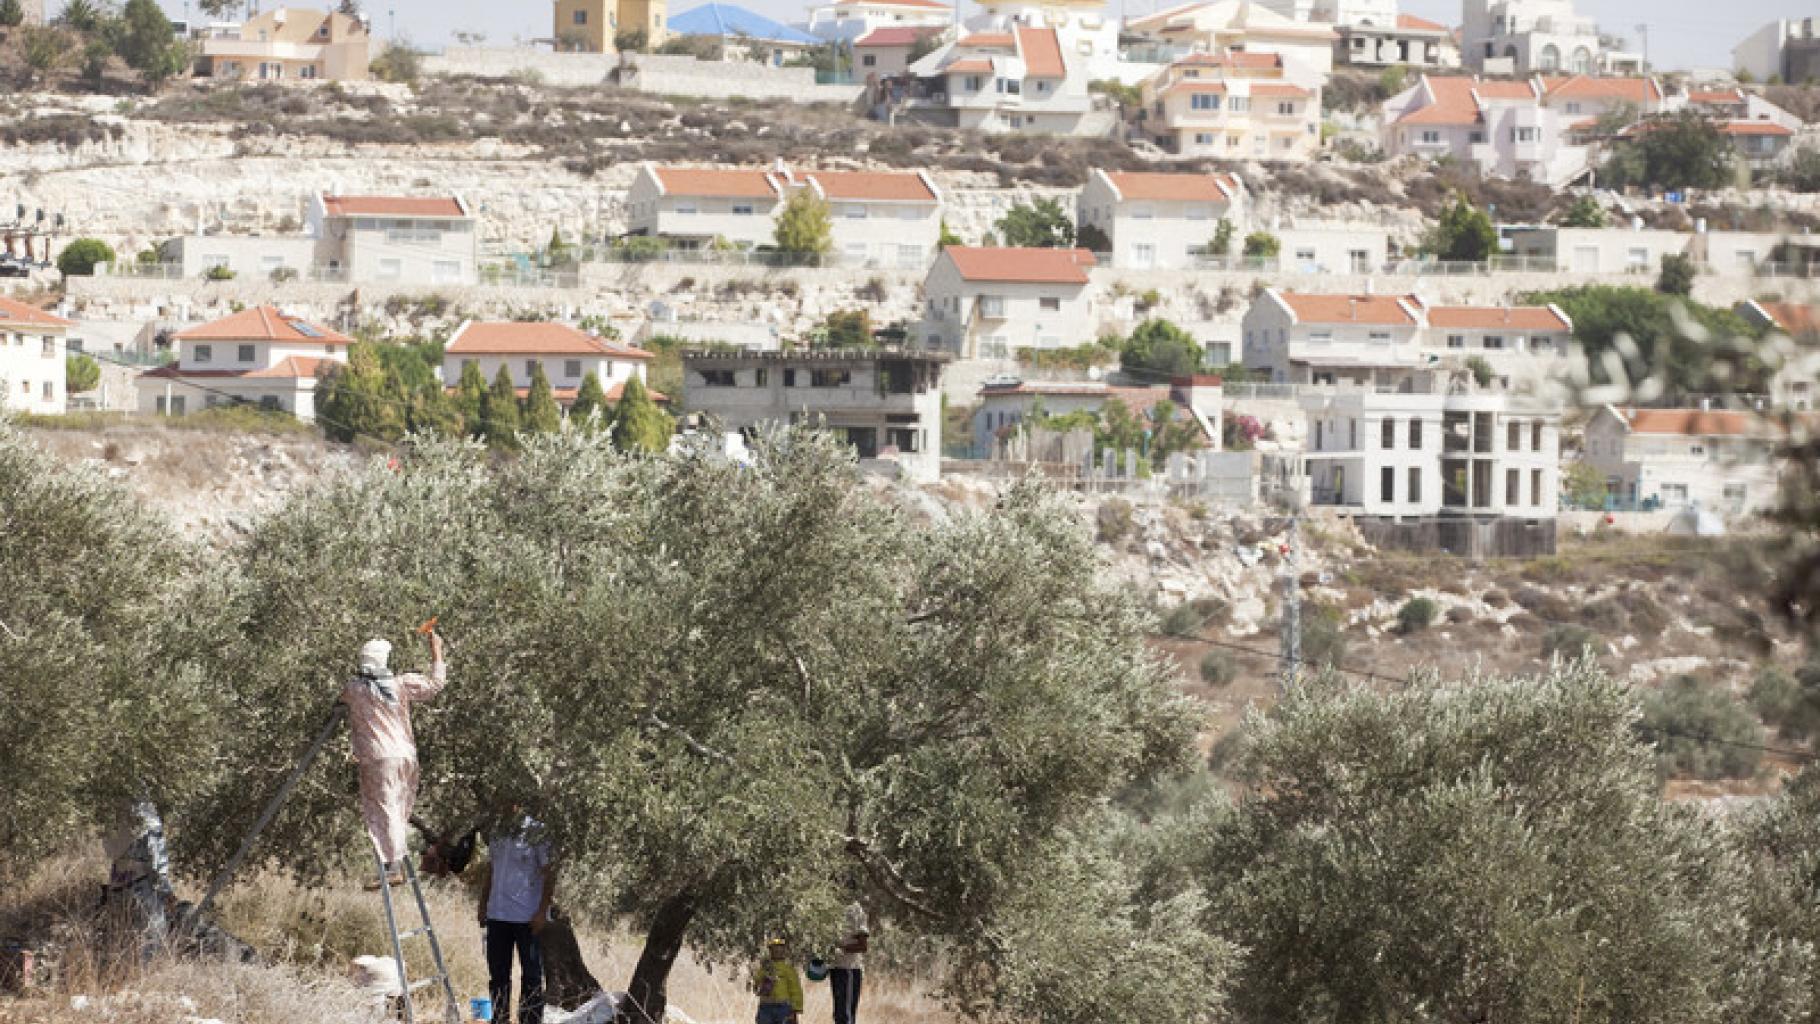 Eine palästinensische Familie bei der Olivenernte im Westjordanland.